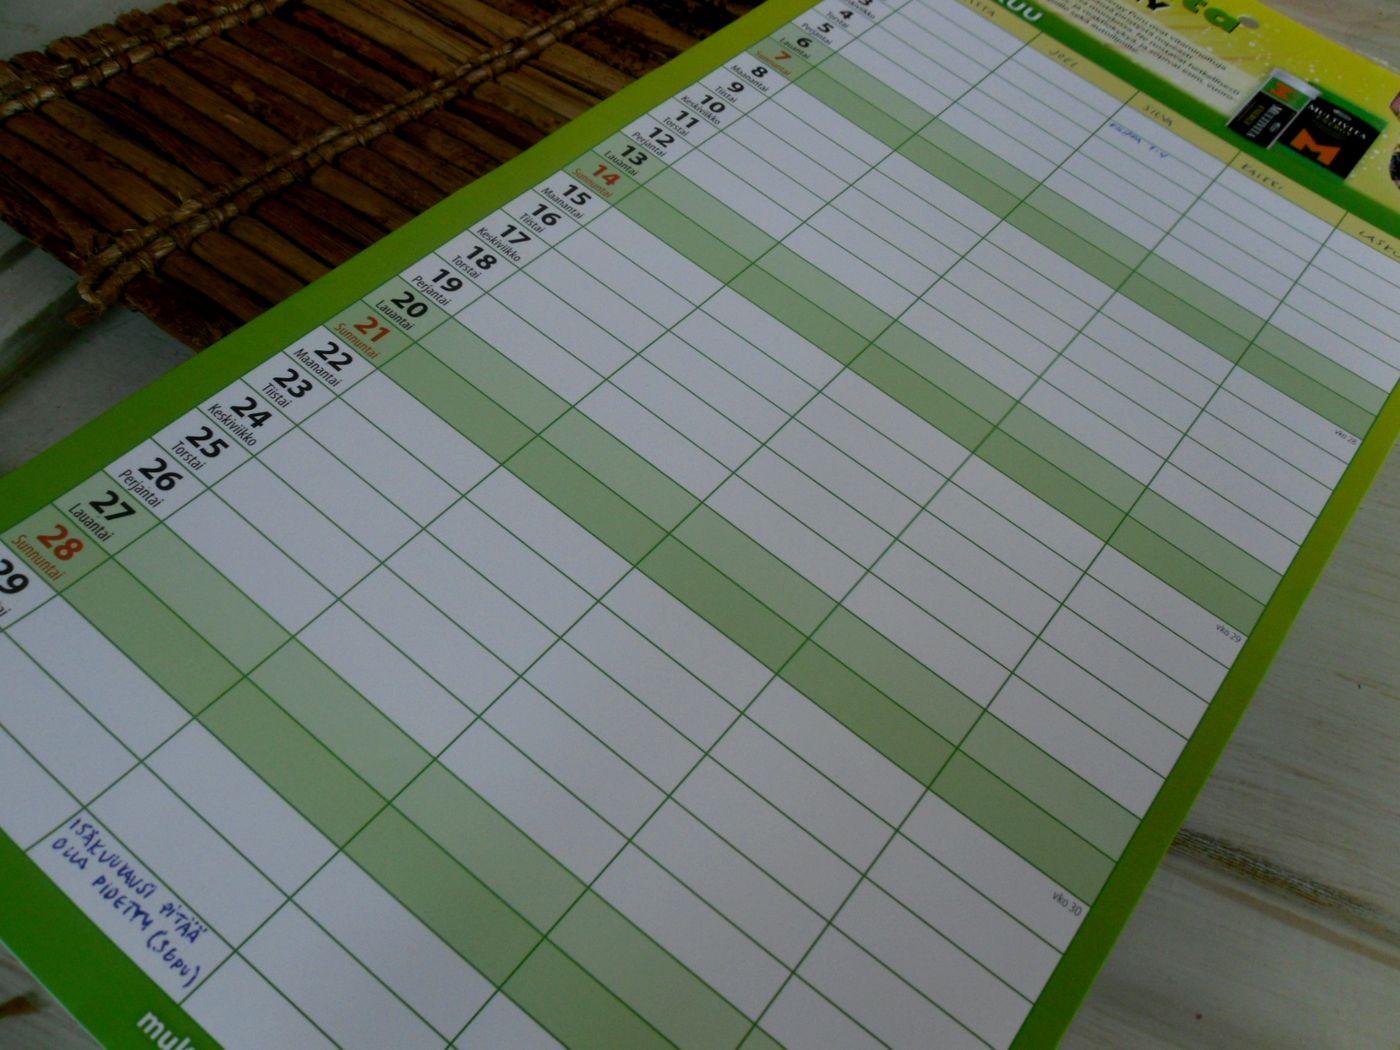 kalenteri.jpg